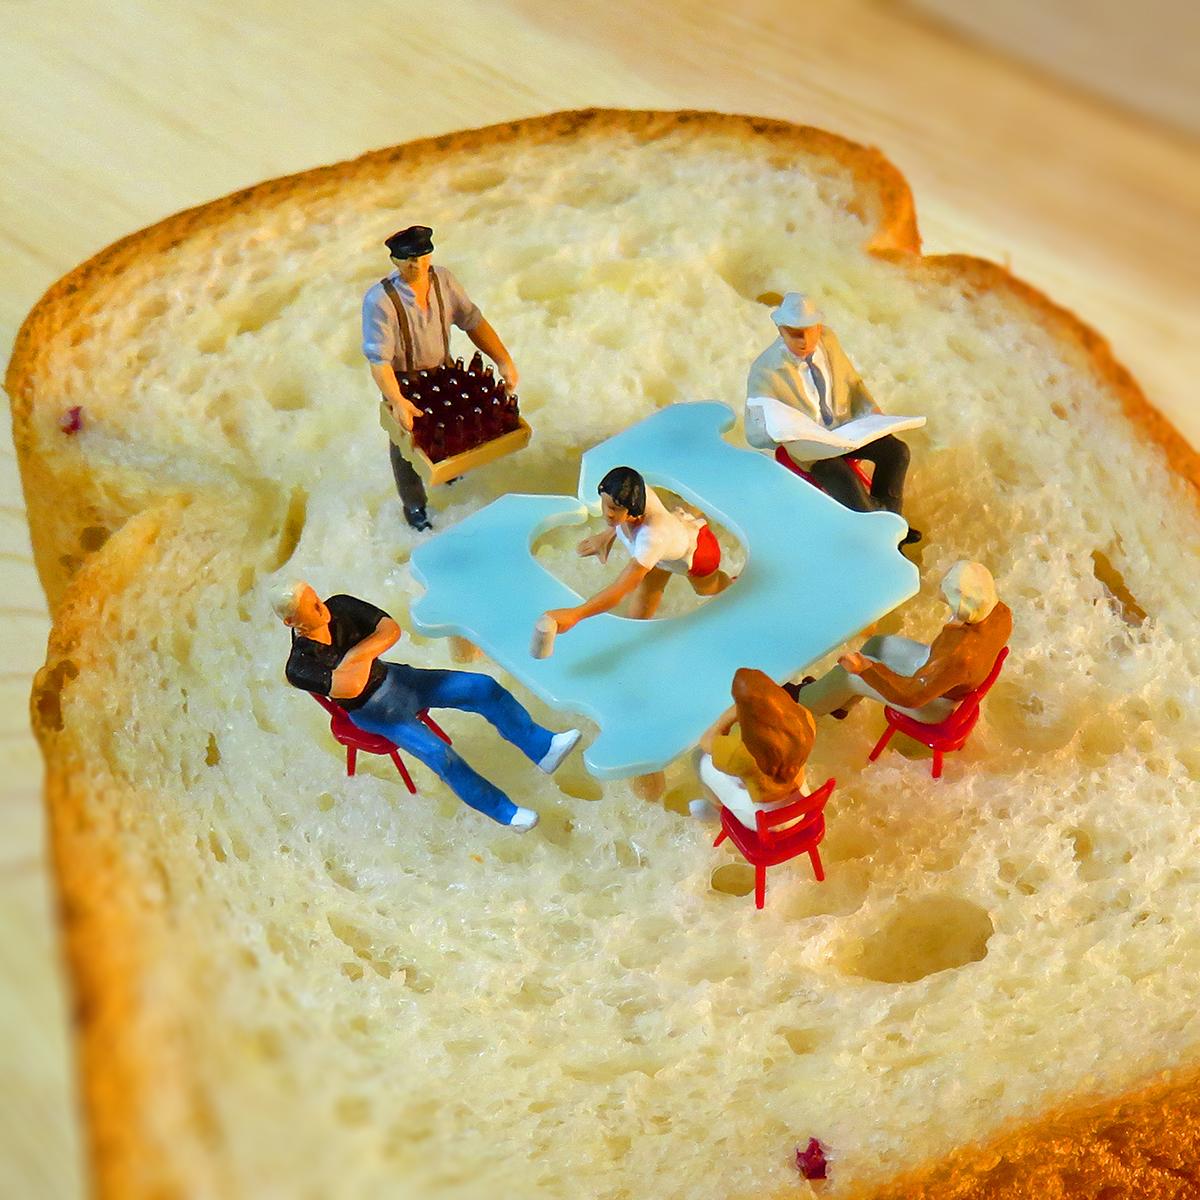 食パン喫茶店とバッグクロージャーでブレイクタイムする人達